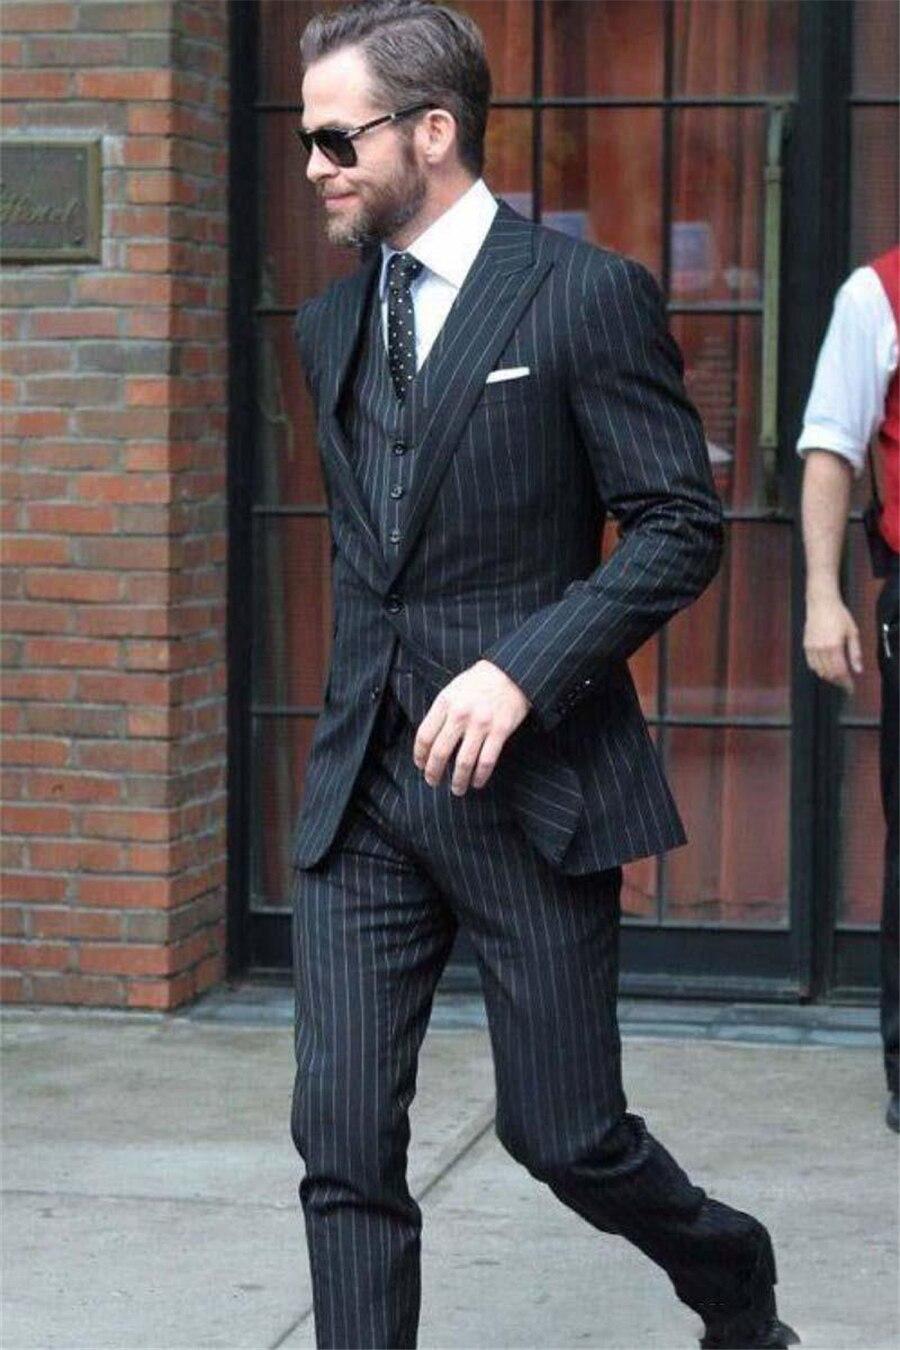 Elegant Groom Groomsmen Wedding Tuxedos Men Suits Black Strips Business Fitted Suit Custom Slim Prom Wear (Jacket+Vest+Pants)